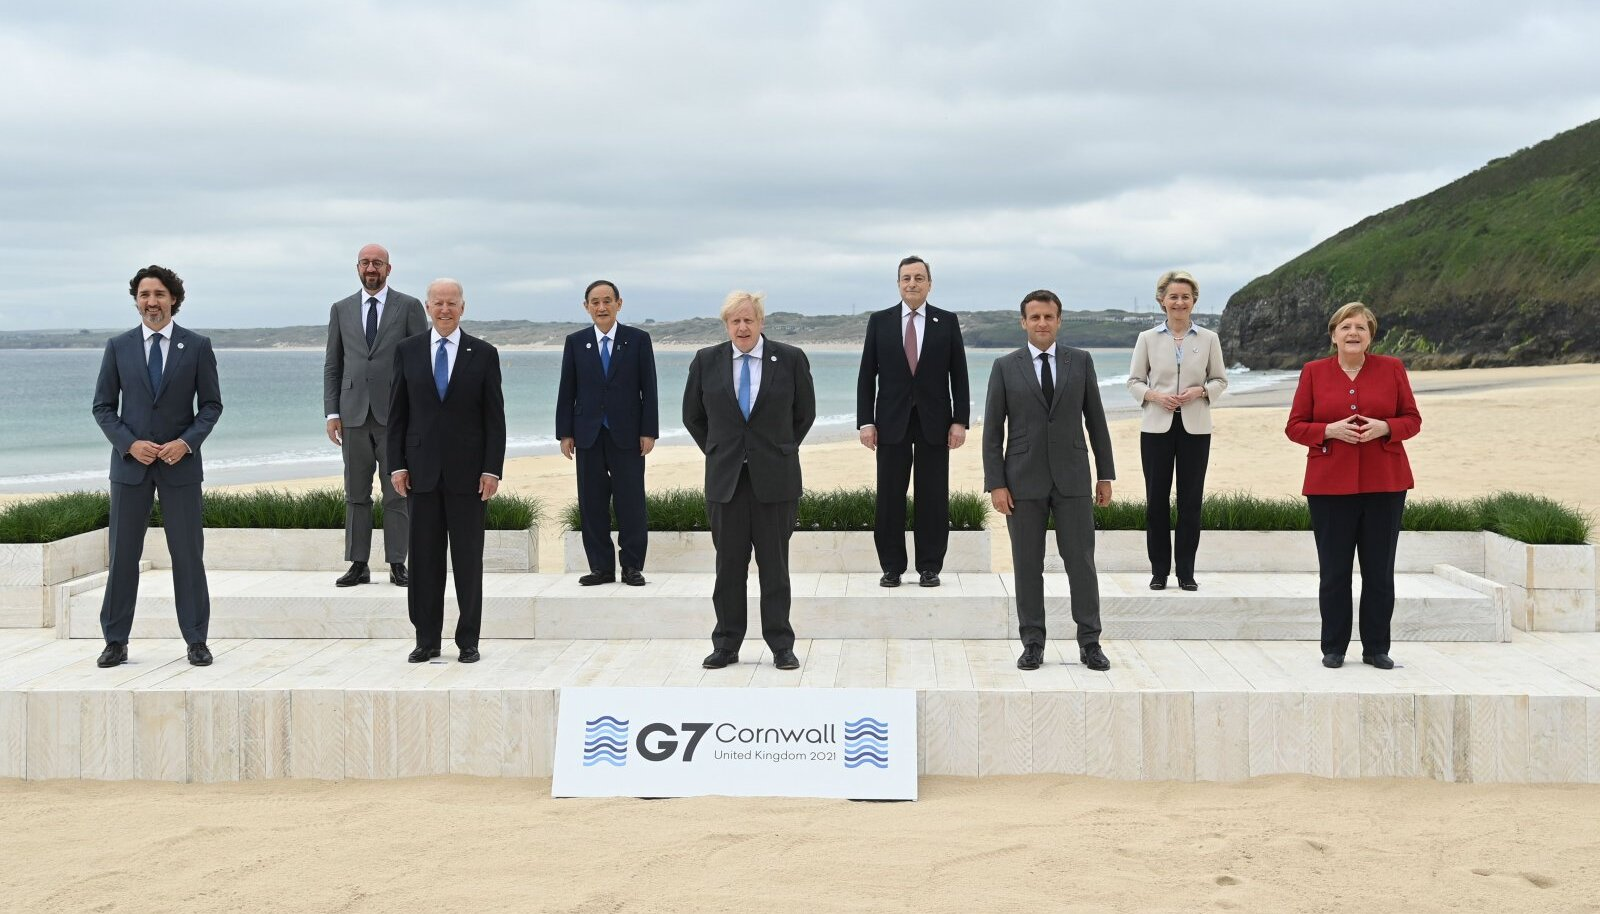 G7 riikide liidrite eilne ametlik ühisfoto Cornwalli rannas.